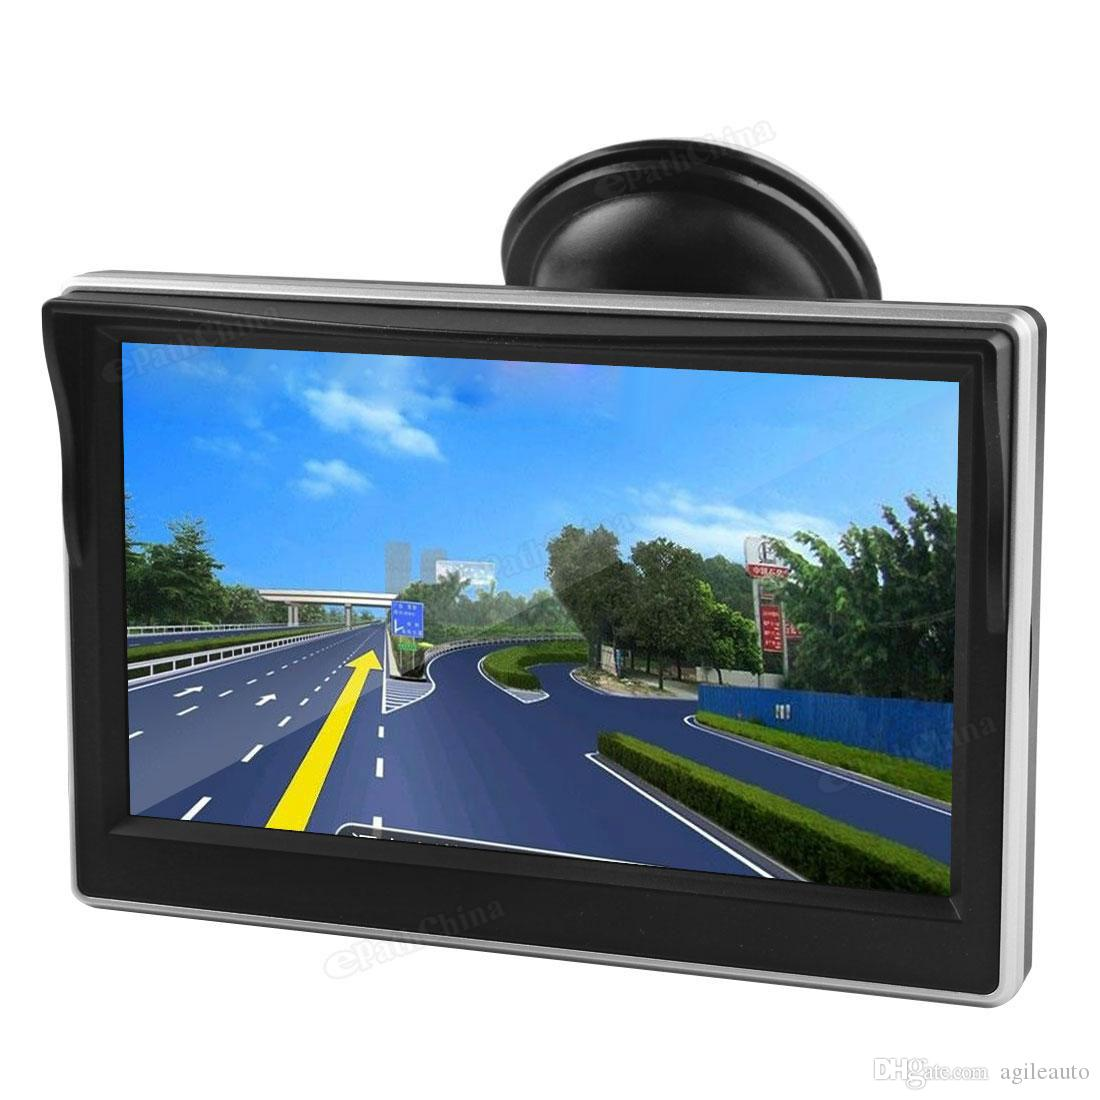 480x272 5 inç Renkli TFT LCD Ekran Geniş Görüş Açısı Araba Dikiz Aynası Monitör CMO_325